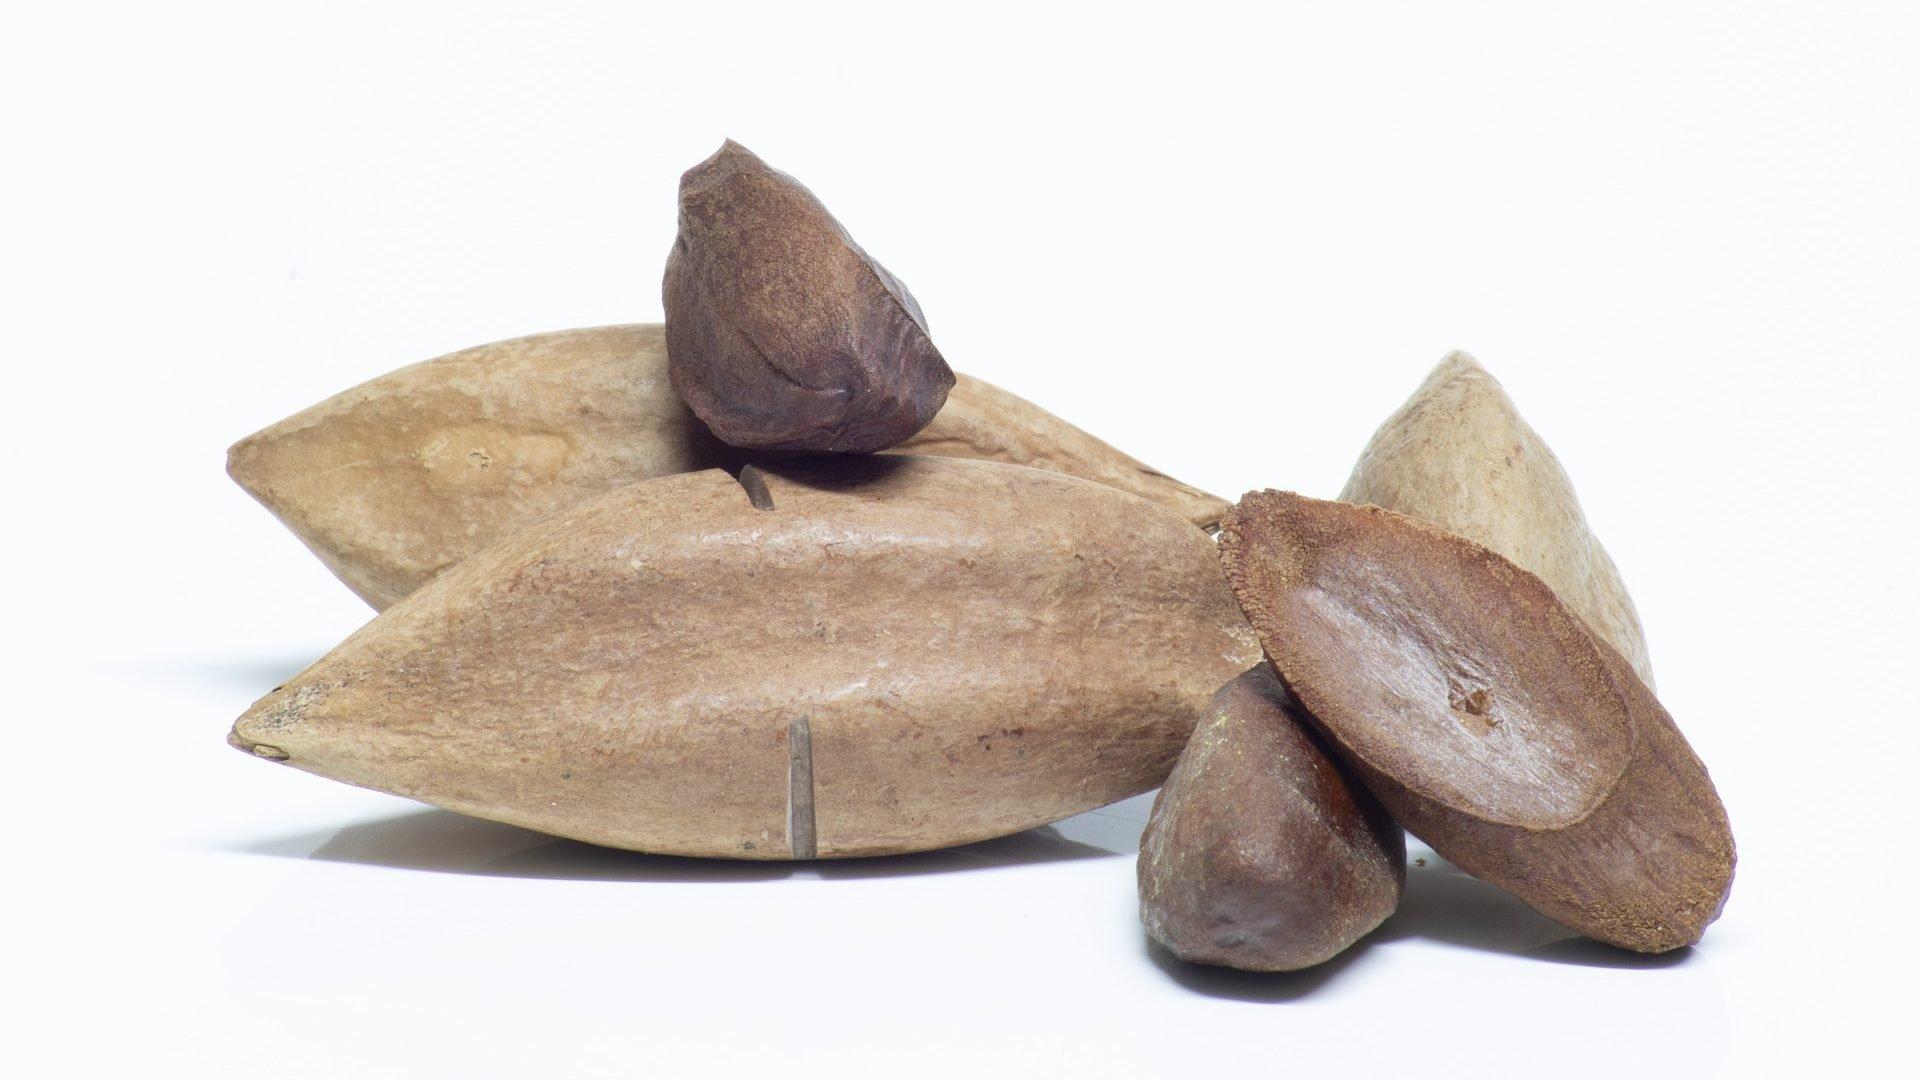 Pilis sind die fettreichsten Nüsse